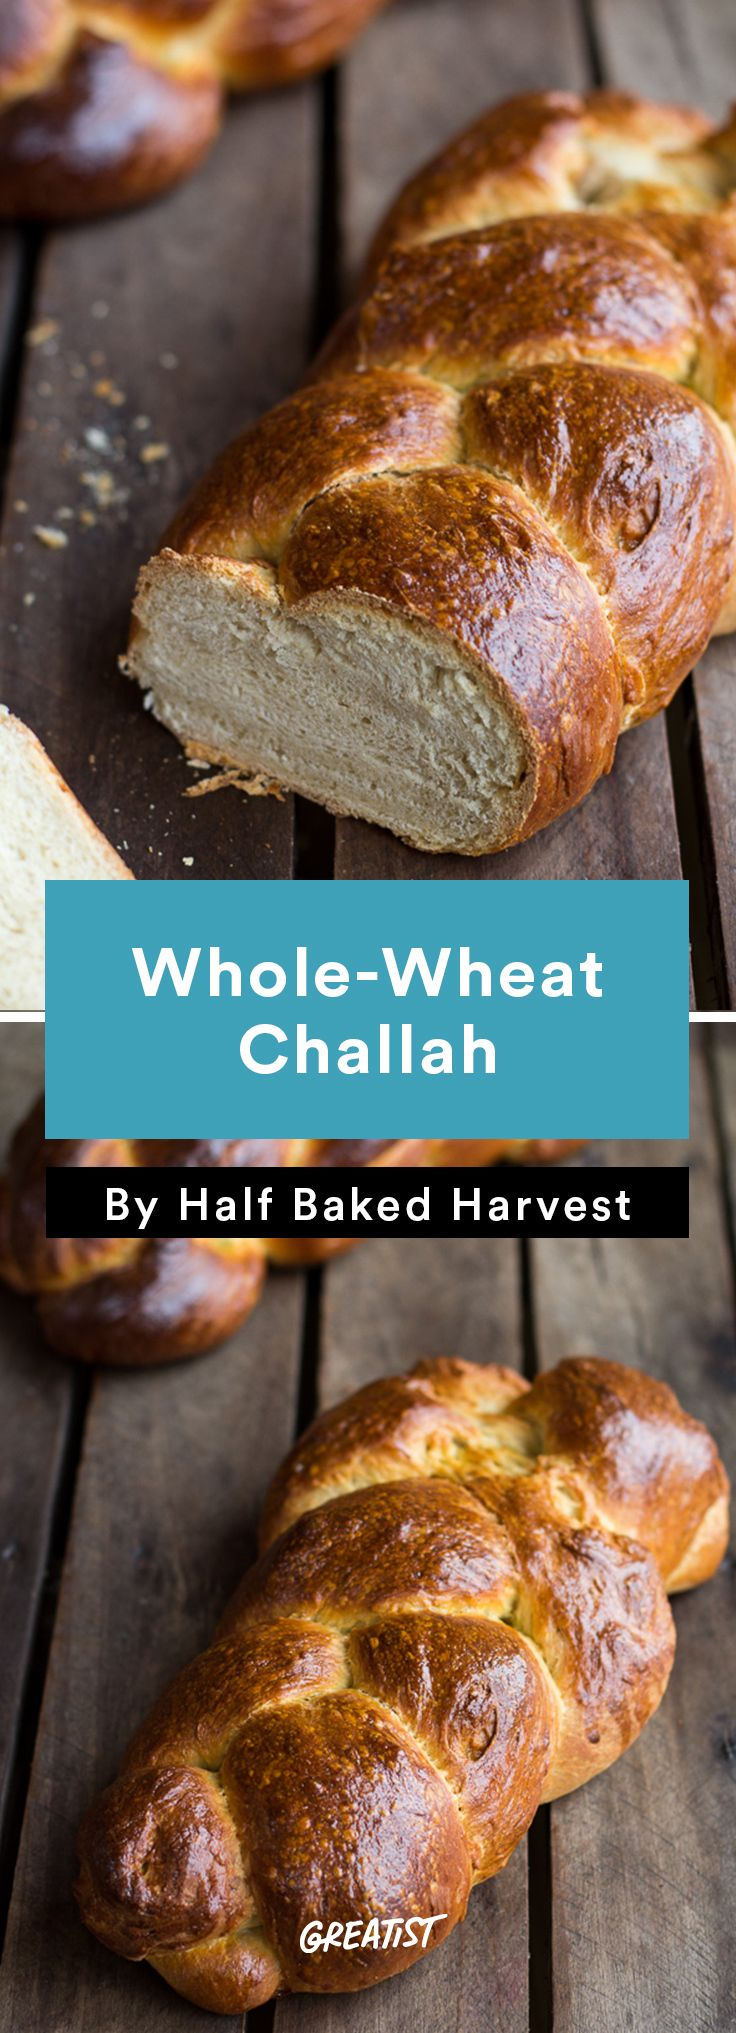 rosh hashanah brisket recipe